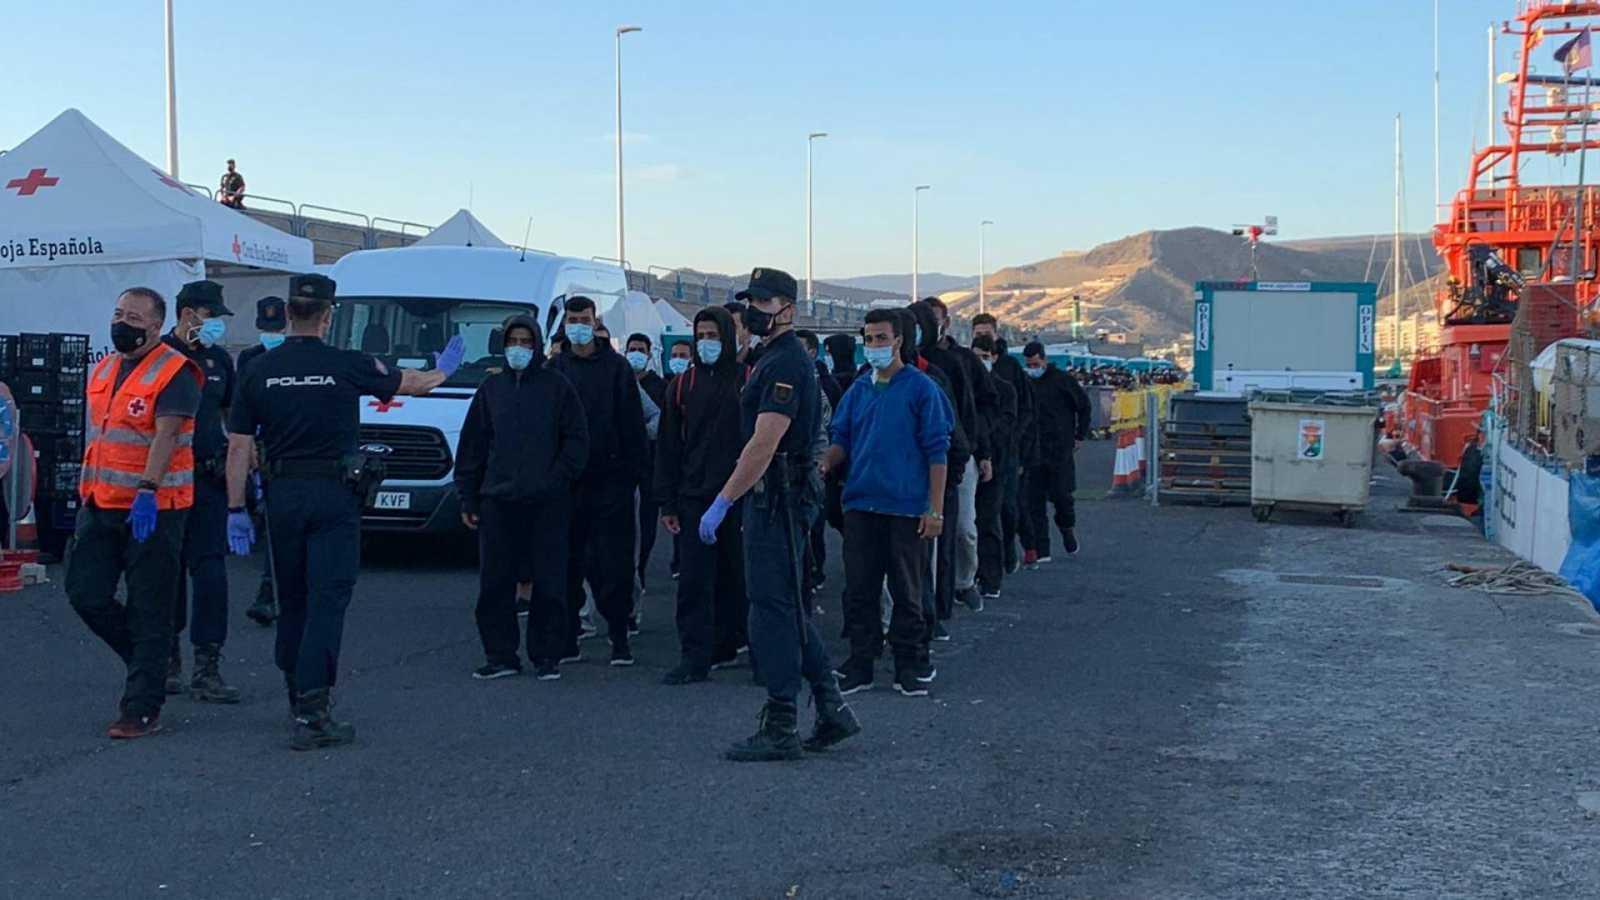 20 horas informativos Fin de semana - Respiro en Arguineguin con el traslado de inmigrantes, en el muelle solo quedan menos 700 de los 2.300 - Escuchar ahora